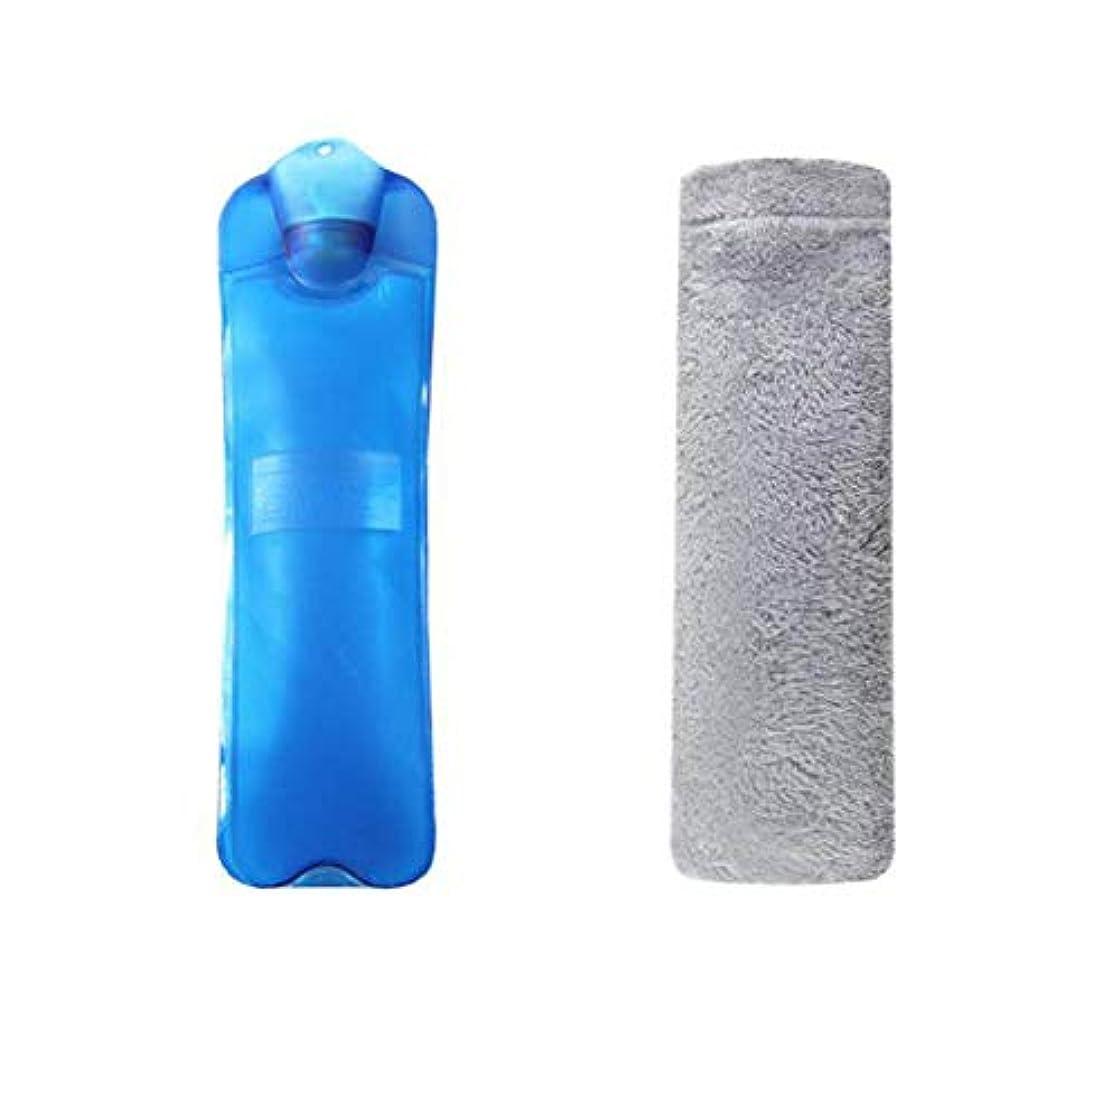 環境保護主義者西部アコー温水ボトル大温水ボトル2Lは冬に暖かく保ちます #5